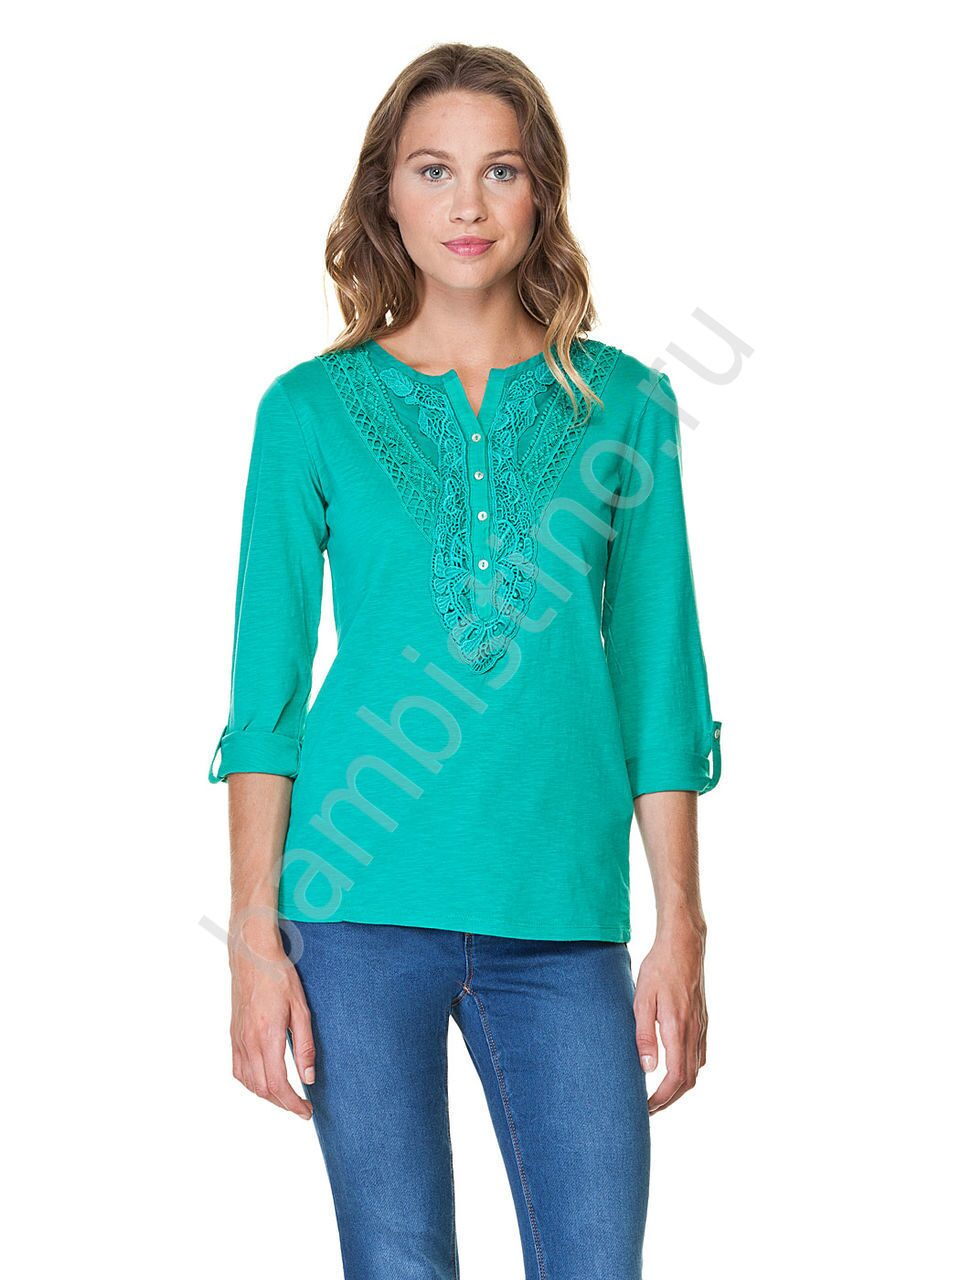 Купить Блузку В Интернет Магазине Турция